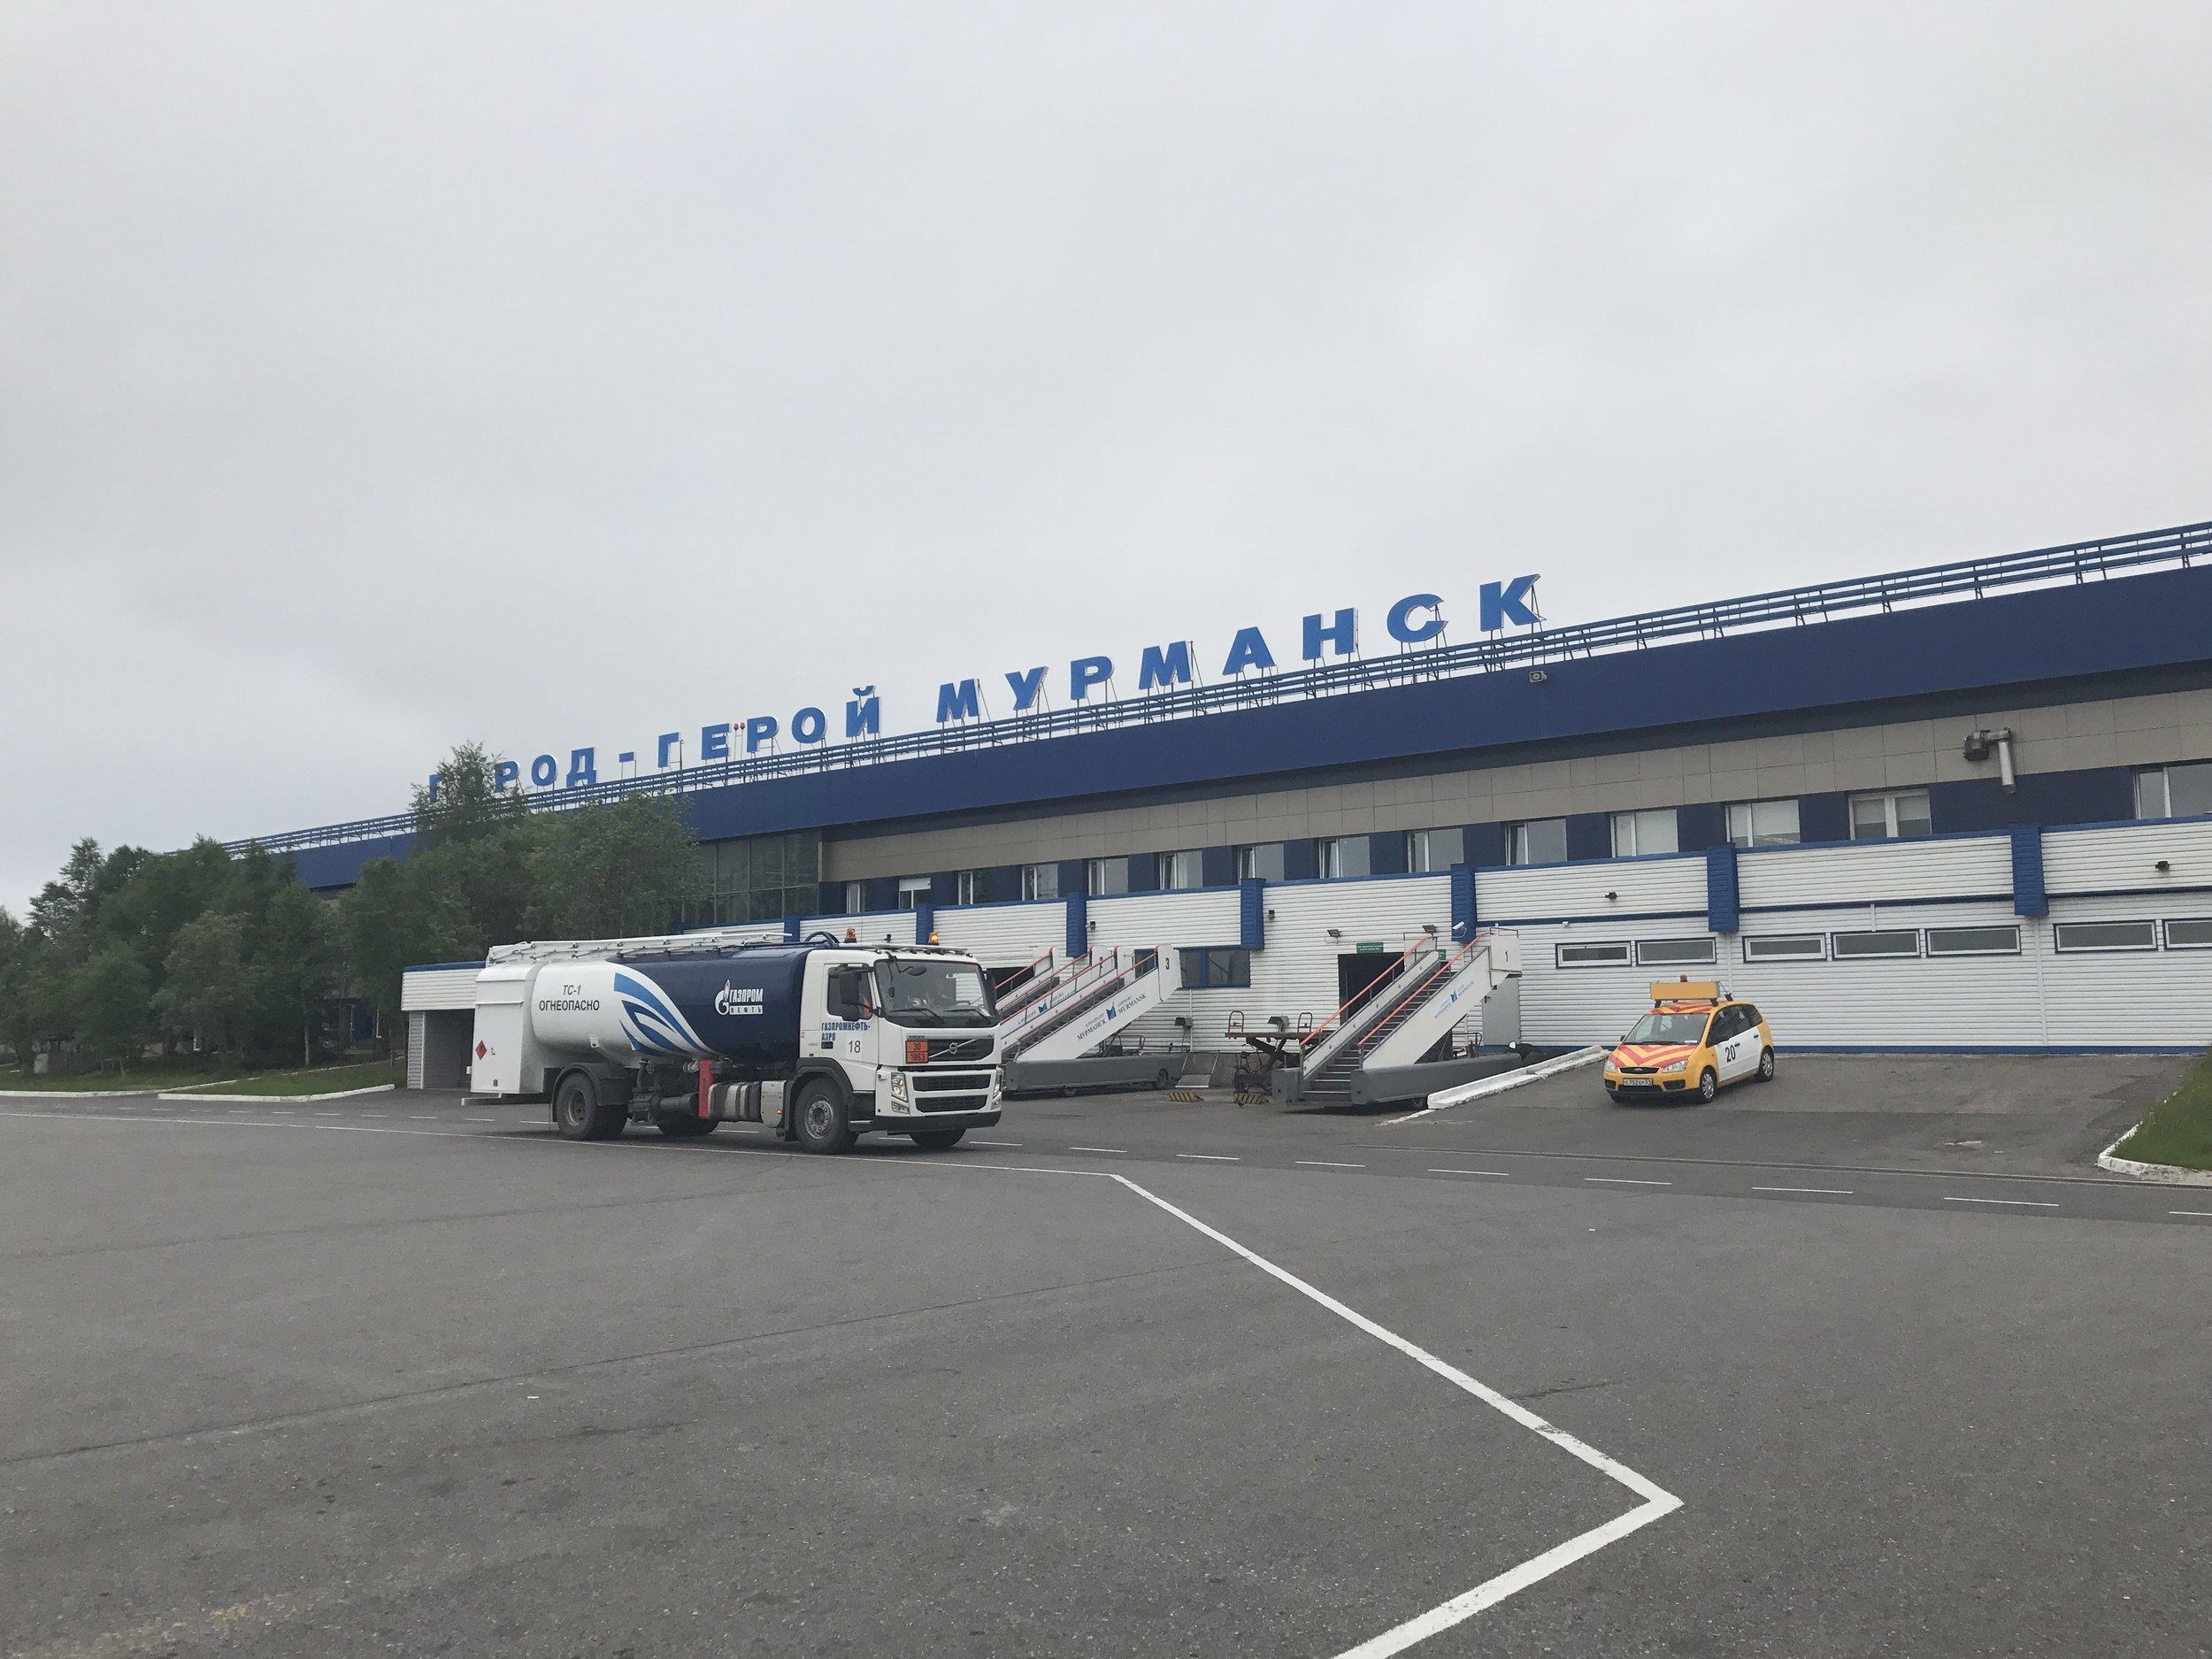 مطار مورمانسك